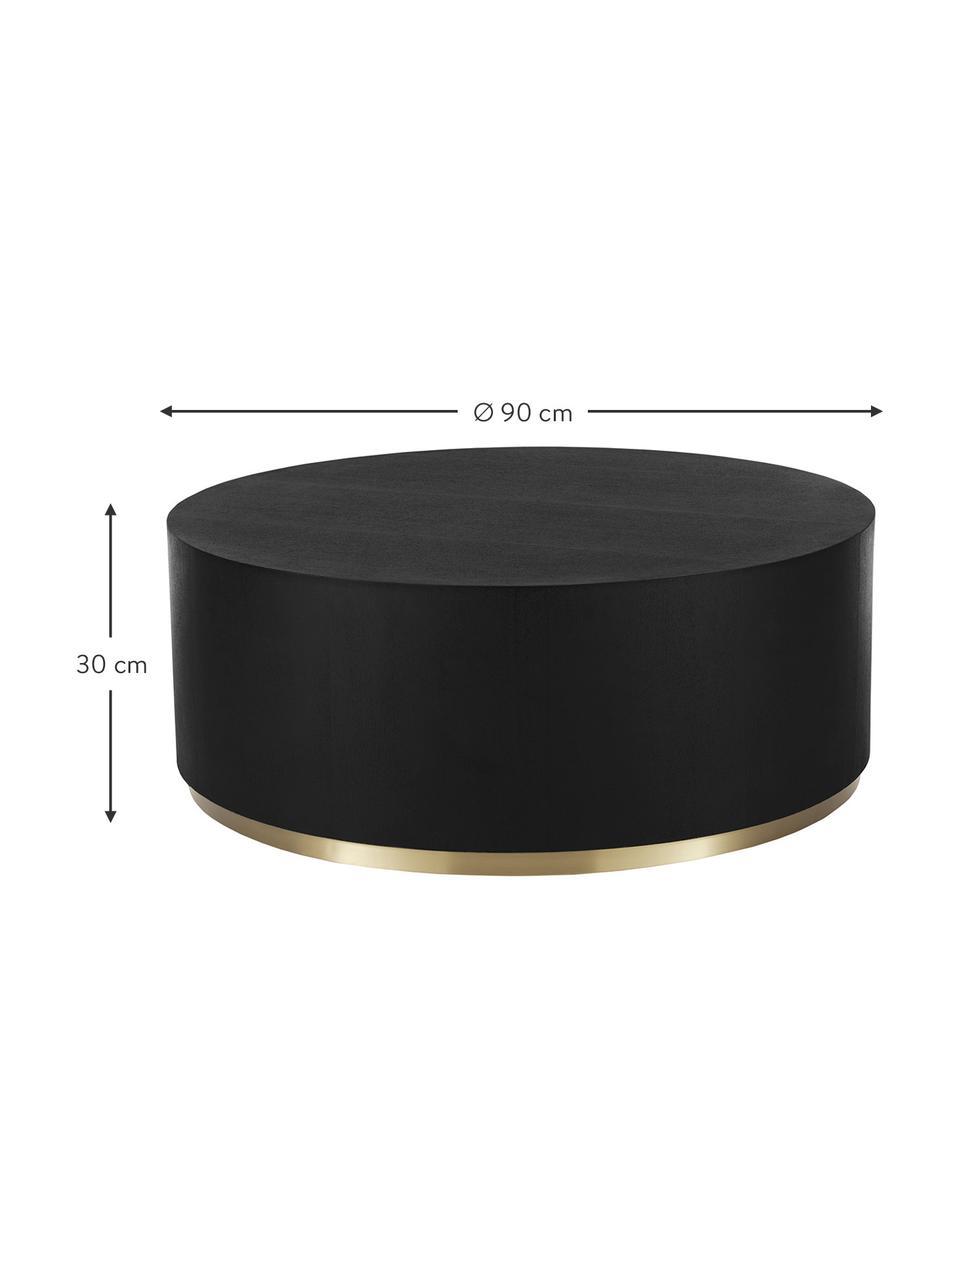 Grande table basse ronde Clarice, Corps: bois de frêne, noir laqué Pied: couleur dorée